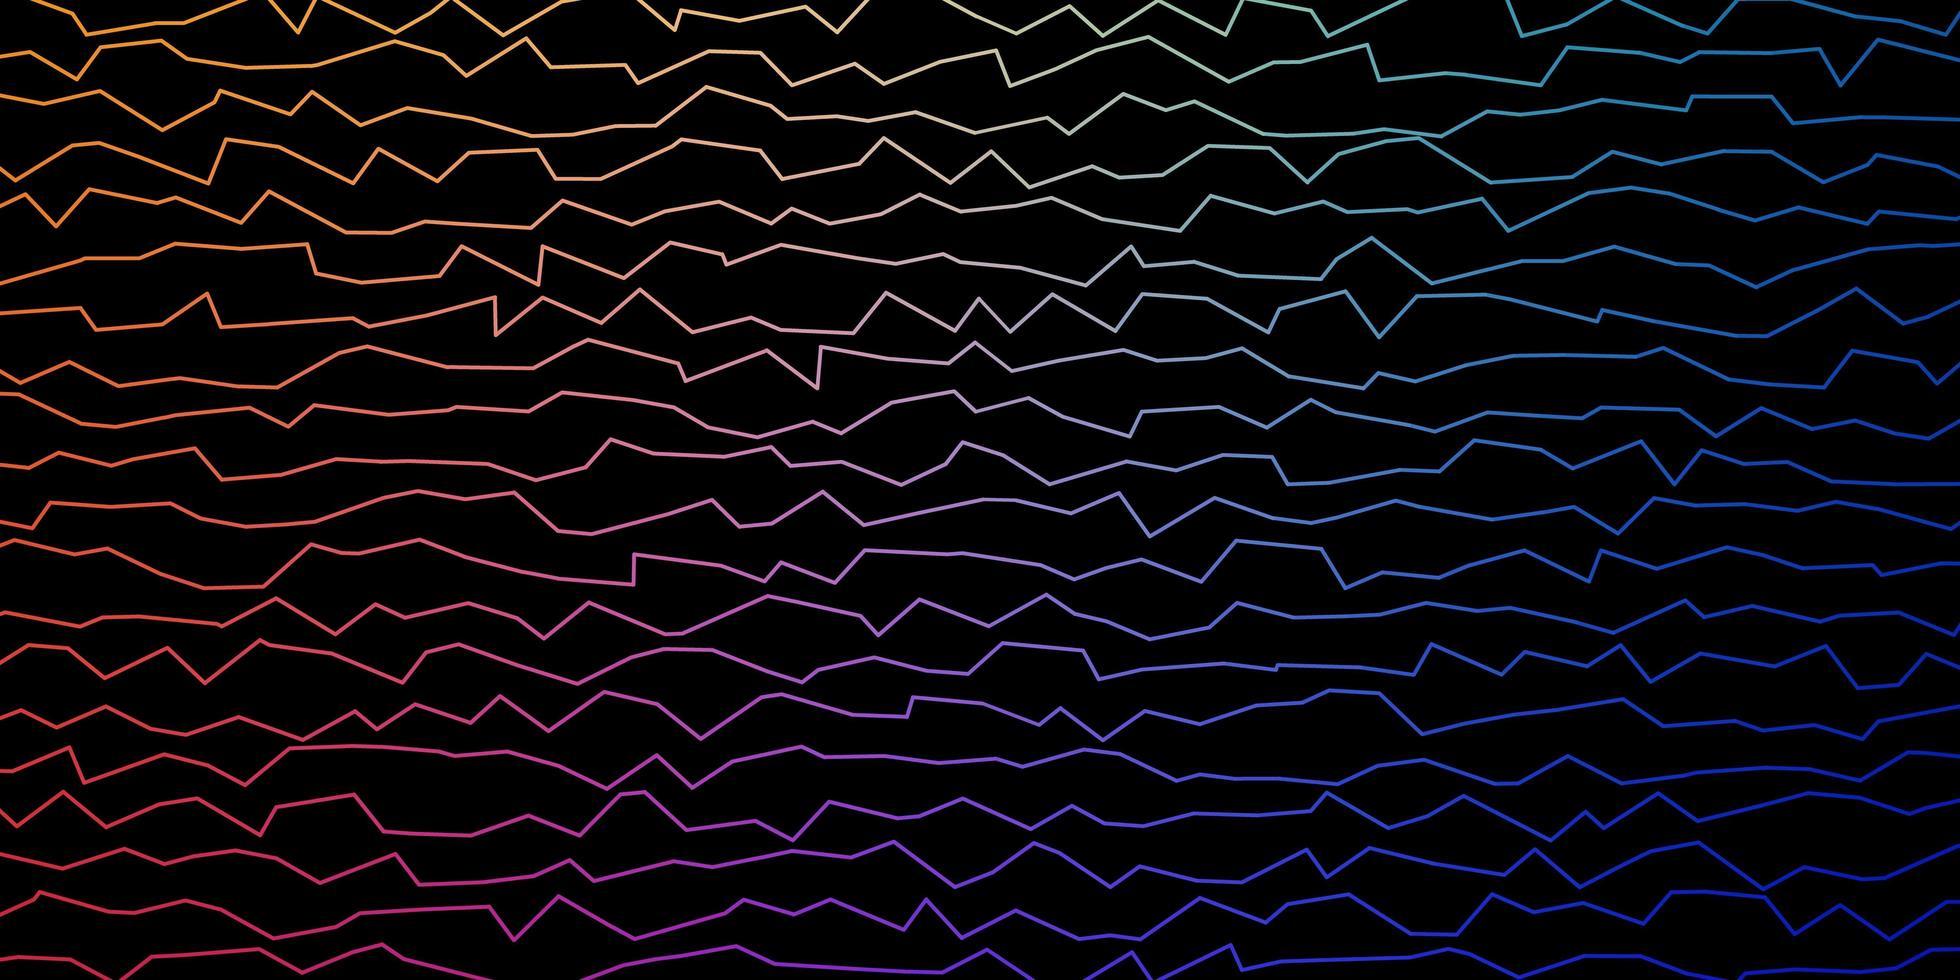 mörk flerfärgad vektorlayout med kurvor. vektor